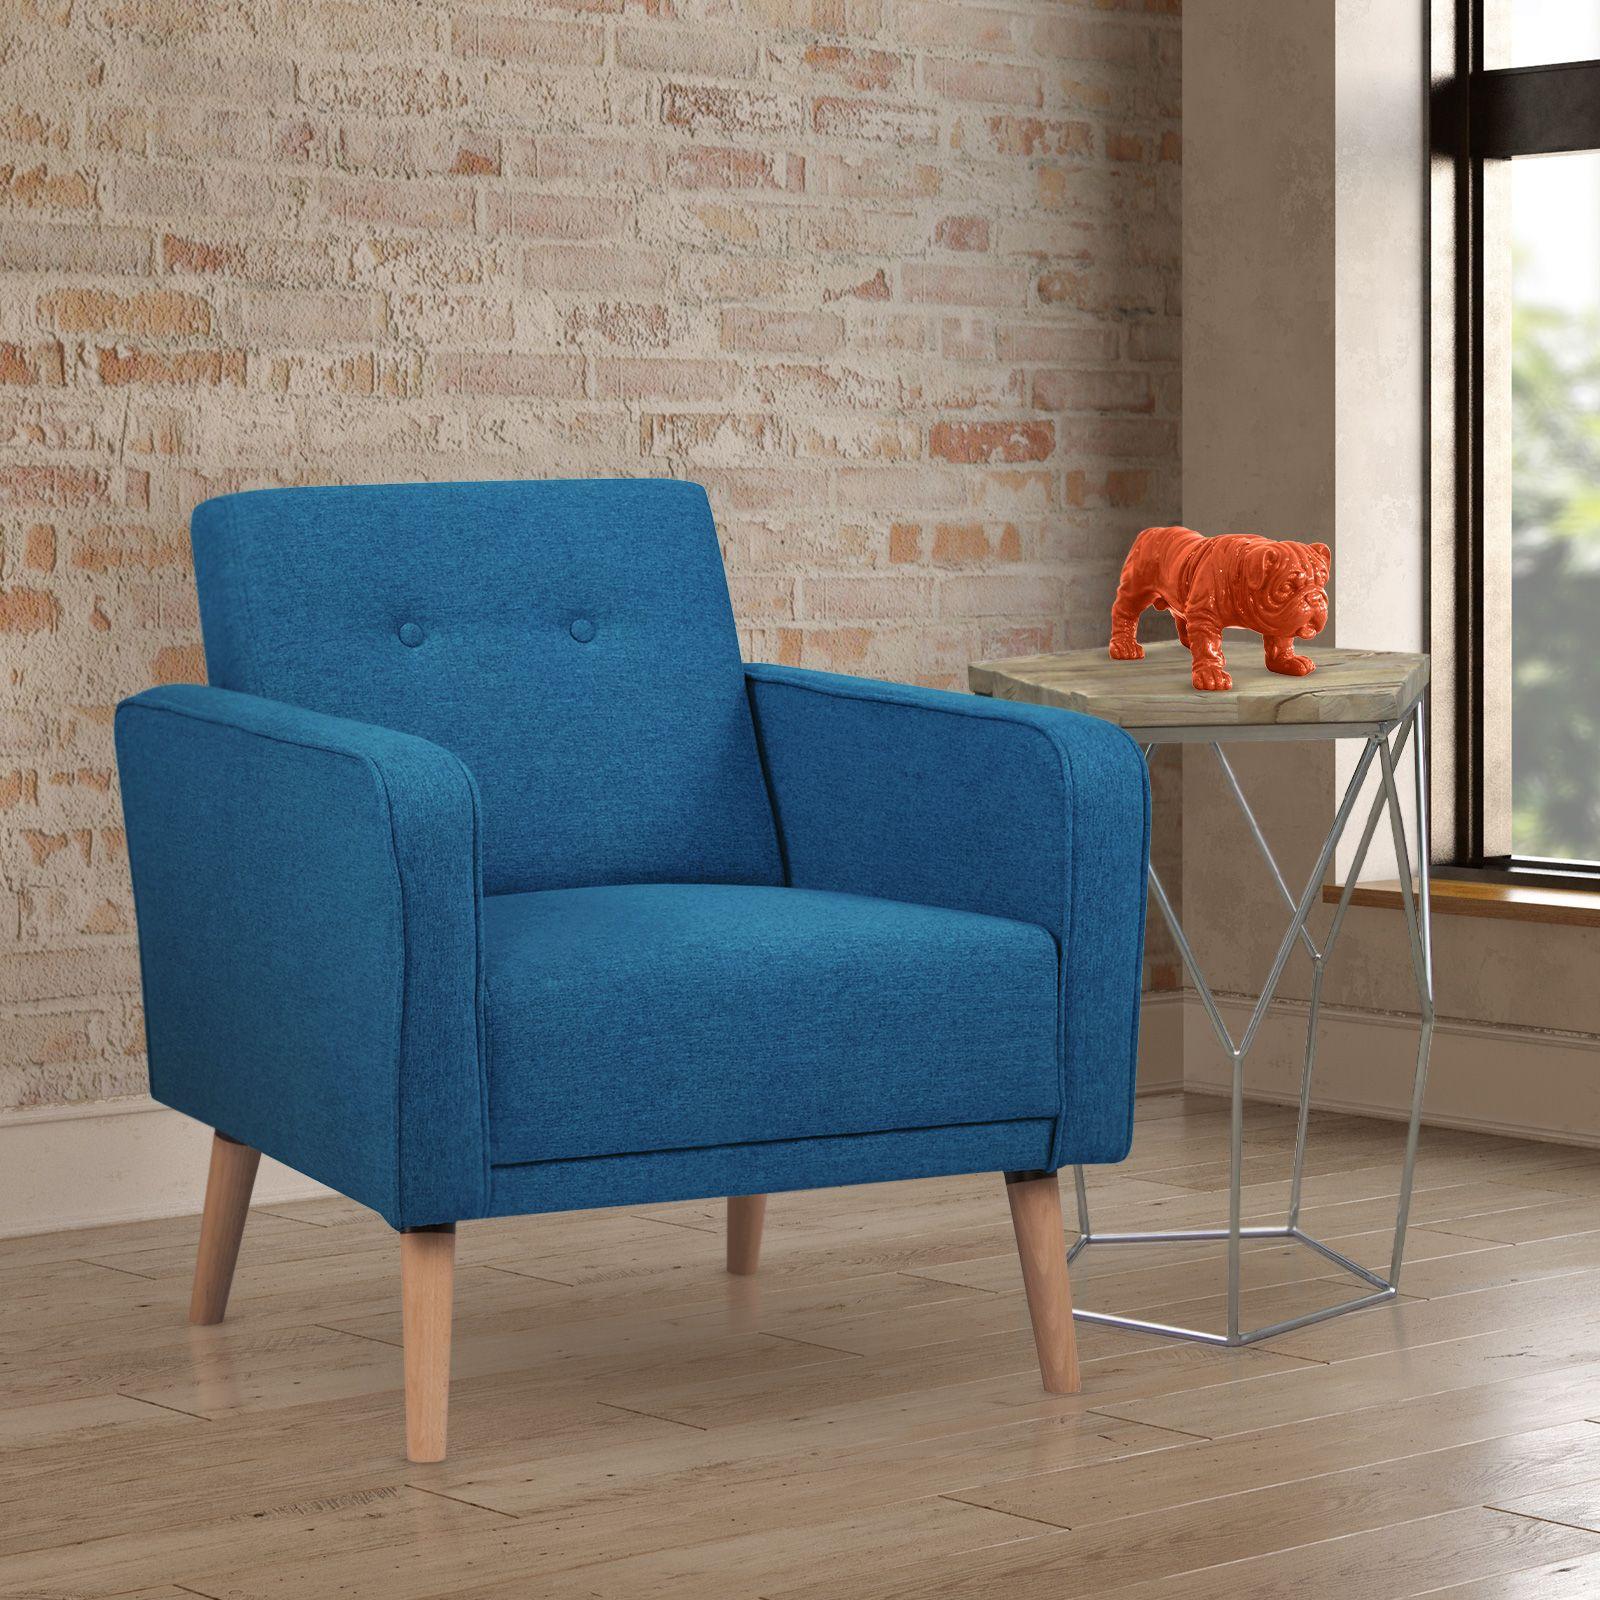 NOYAZU | Sillón tapizado azul verdoso (70 x 77 x 77 cm)